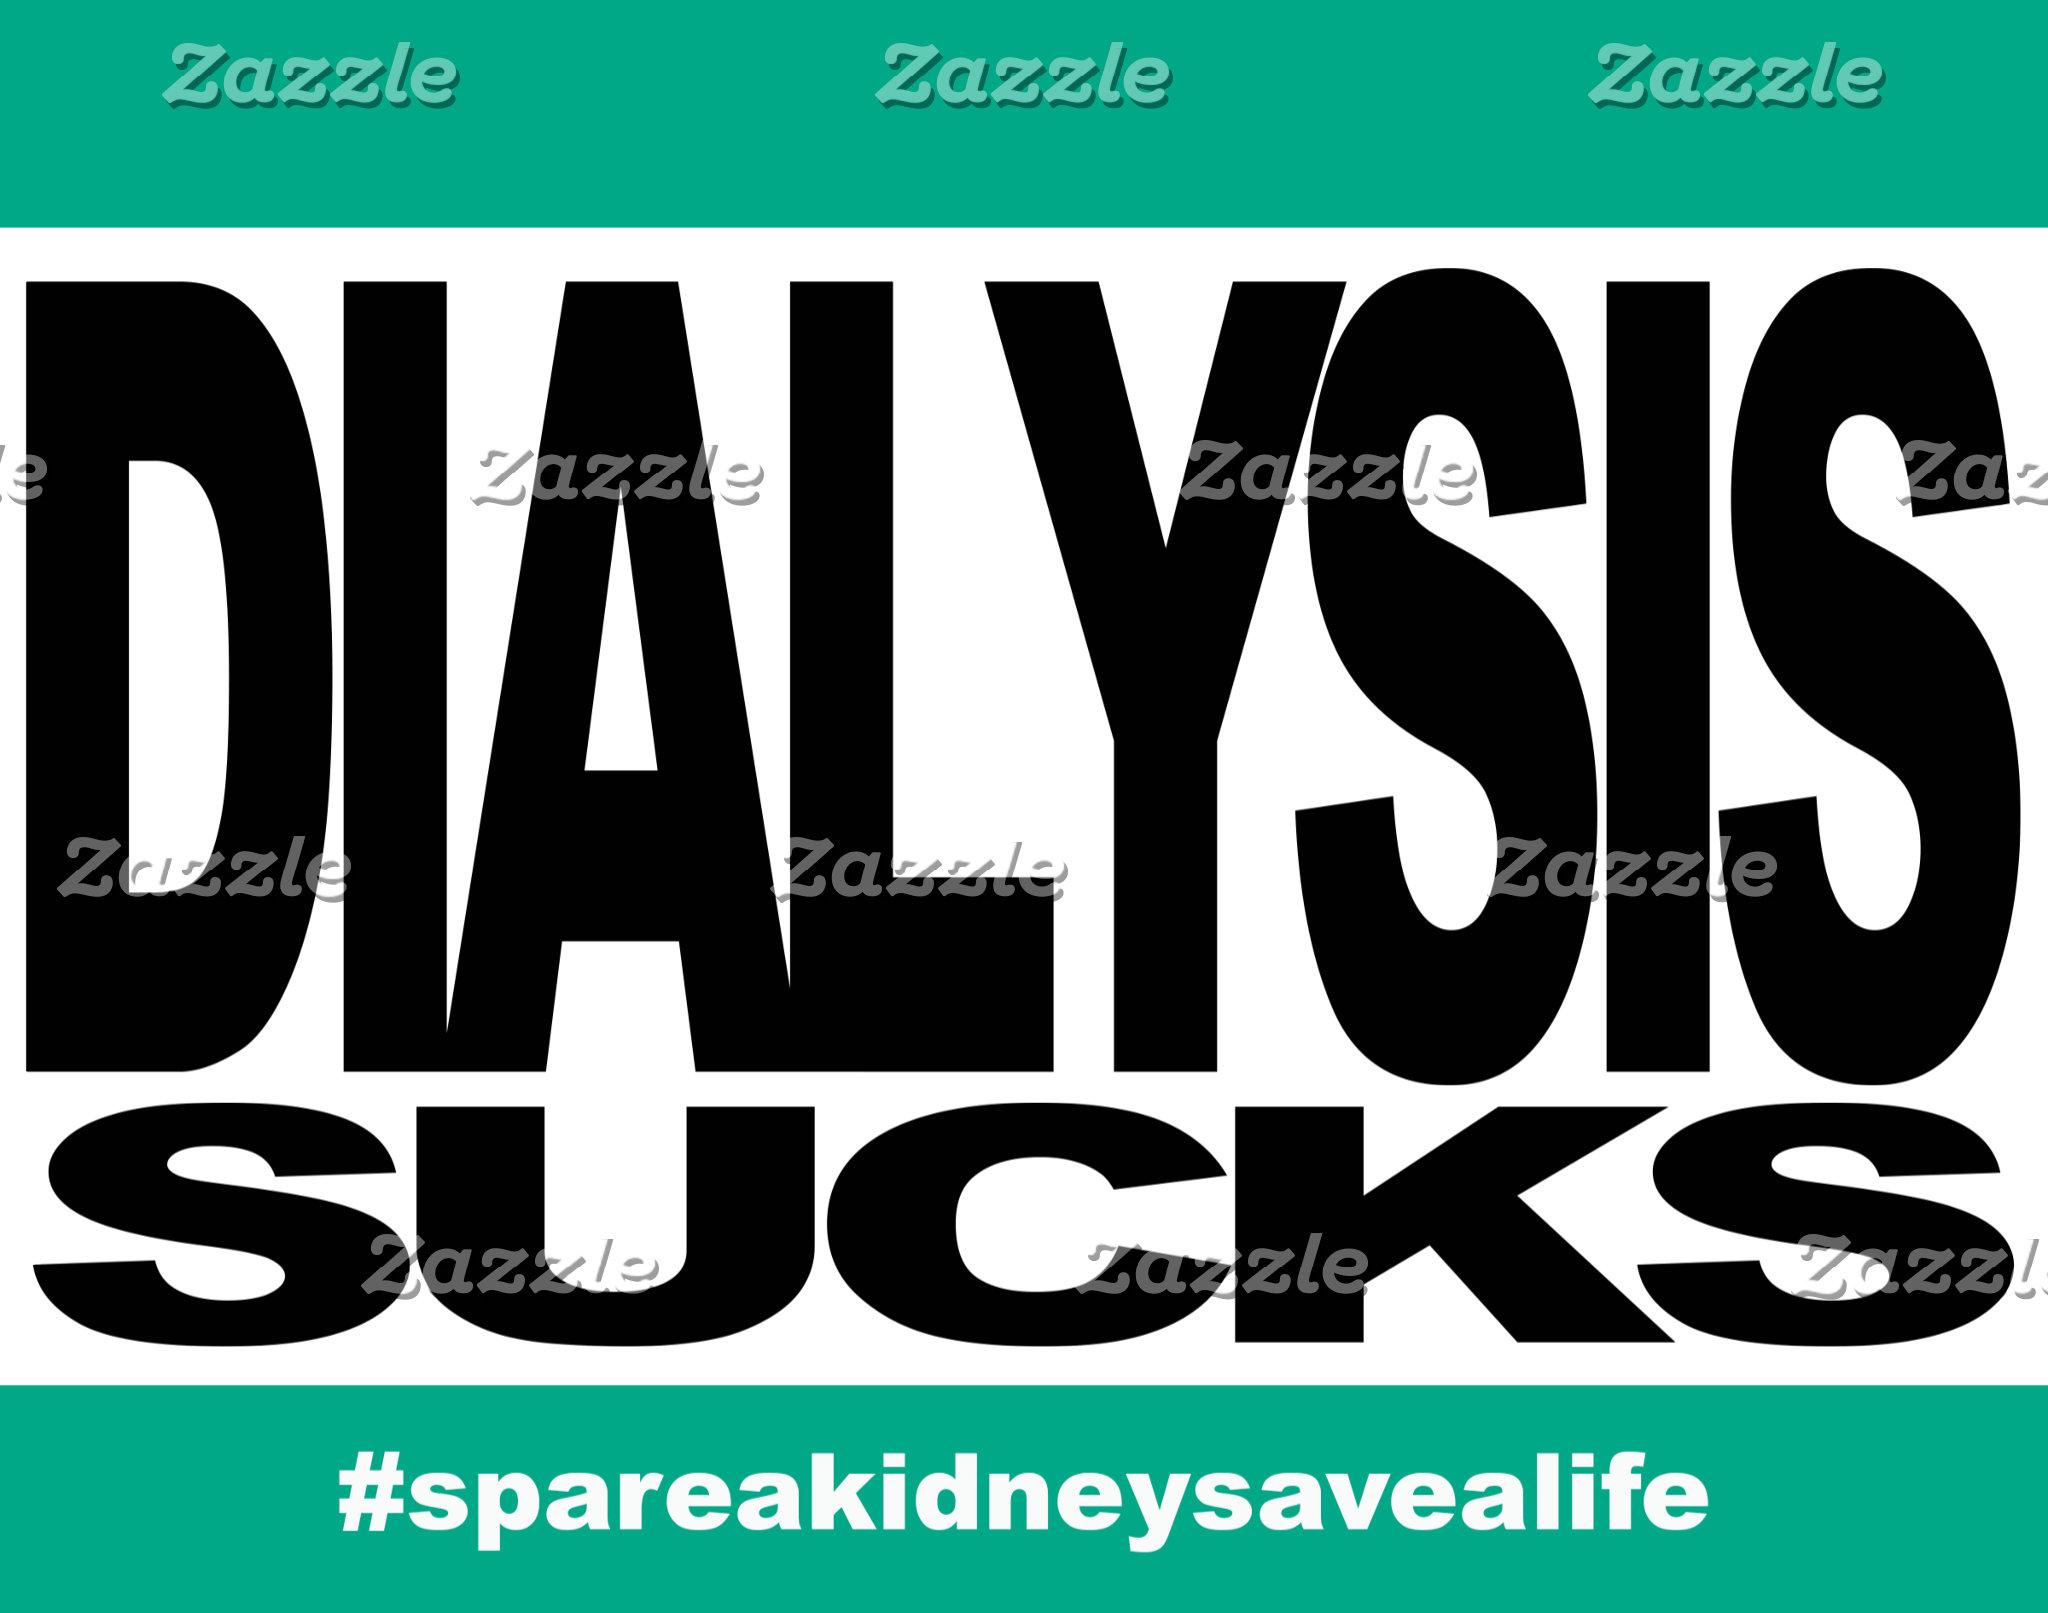 Dialysis Patients